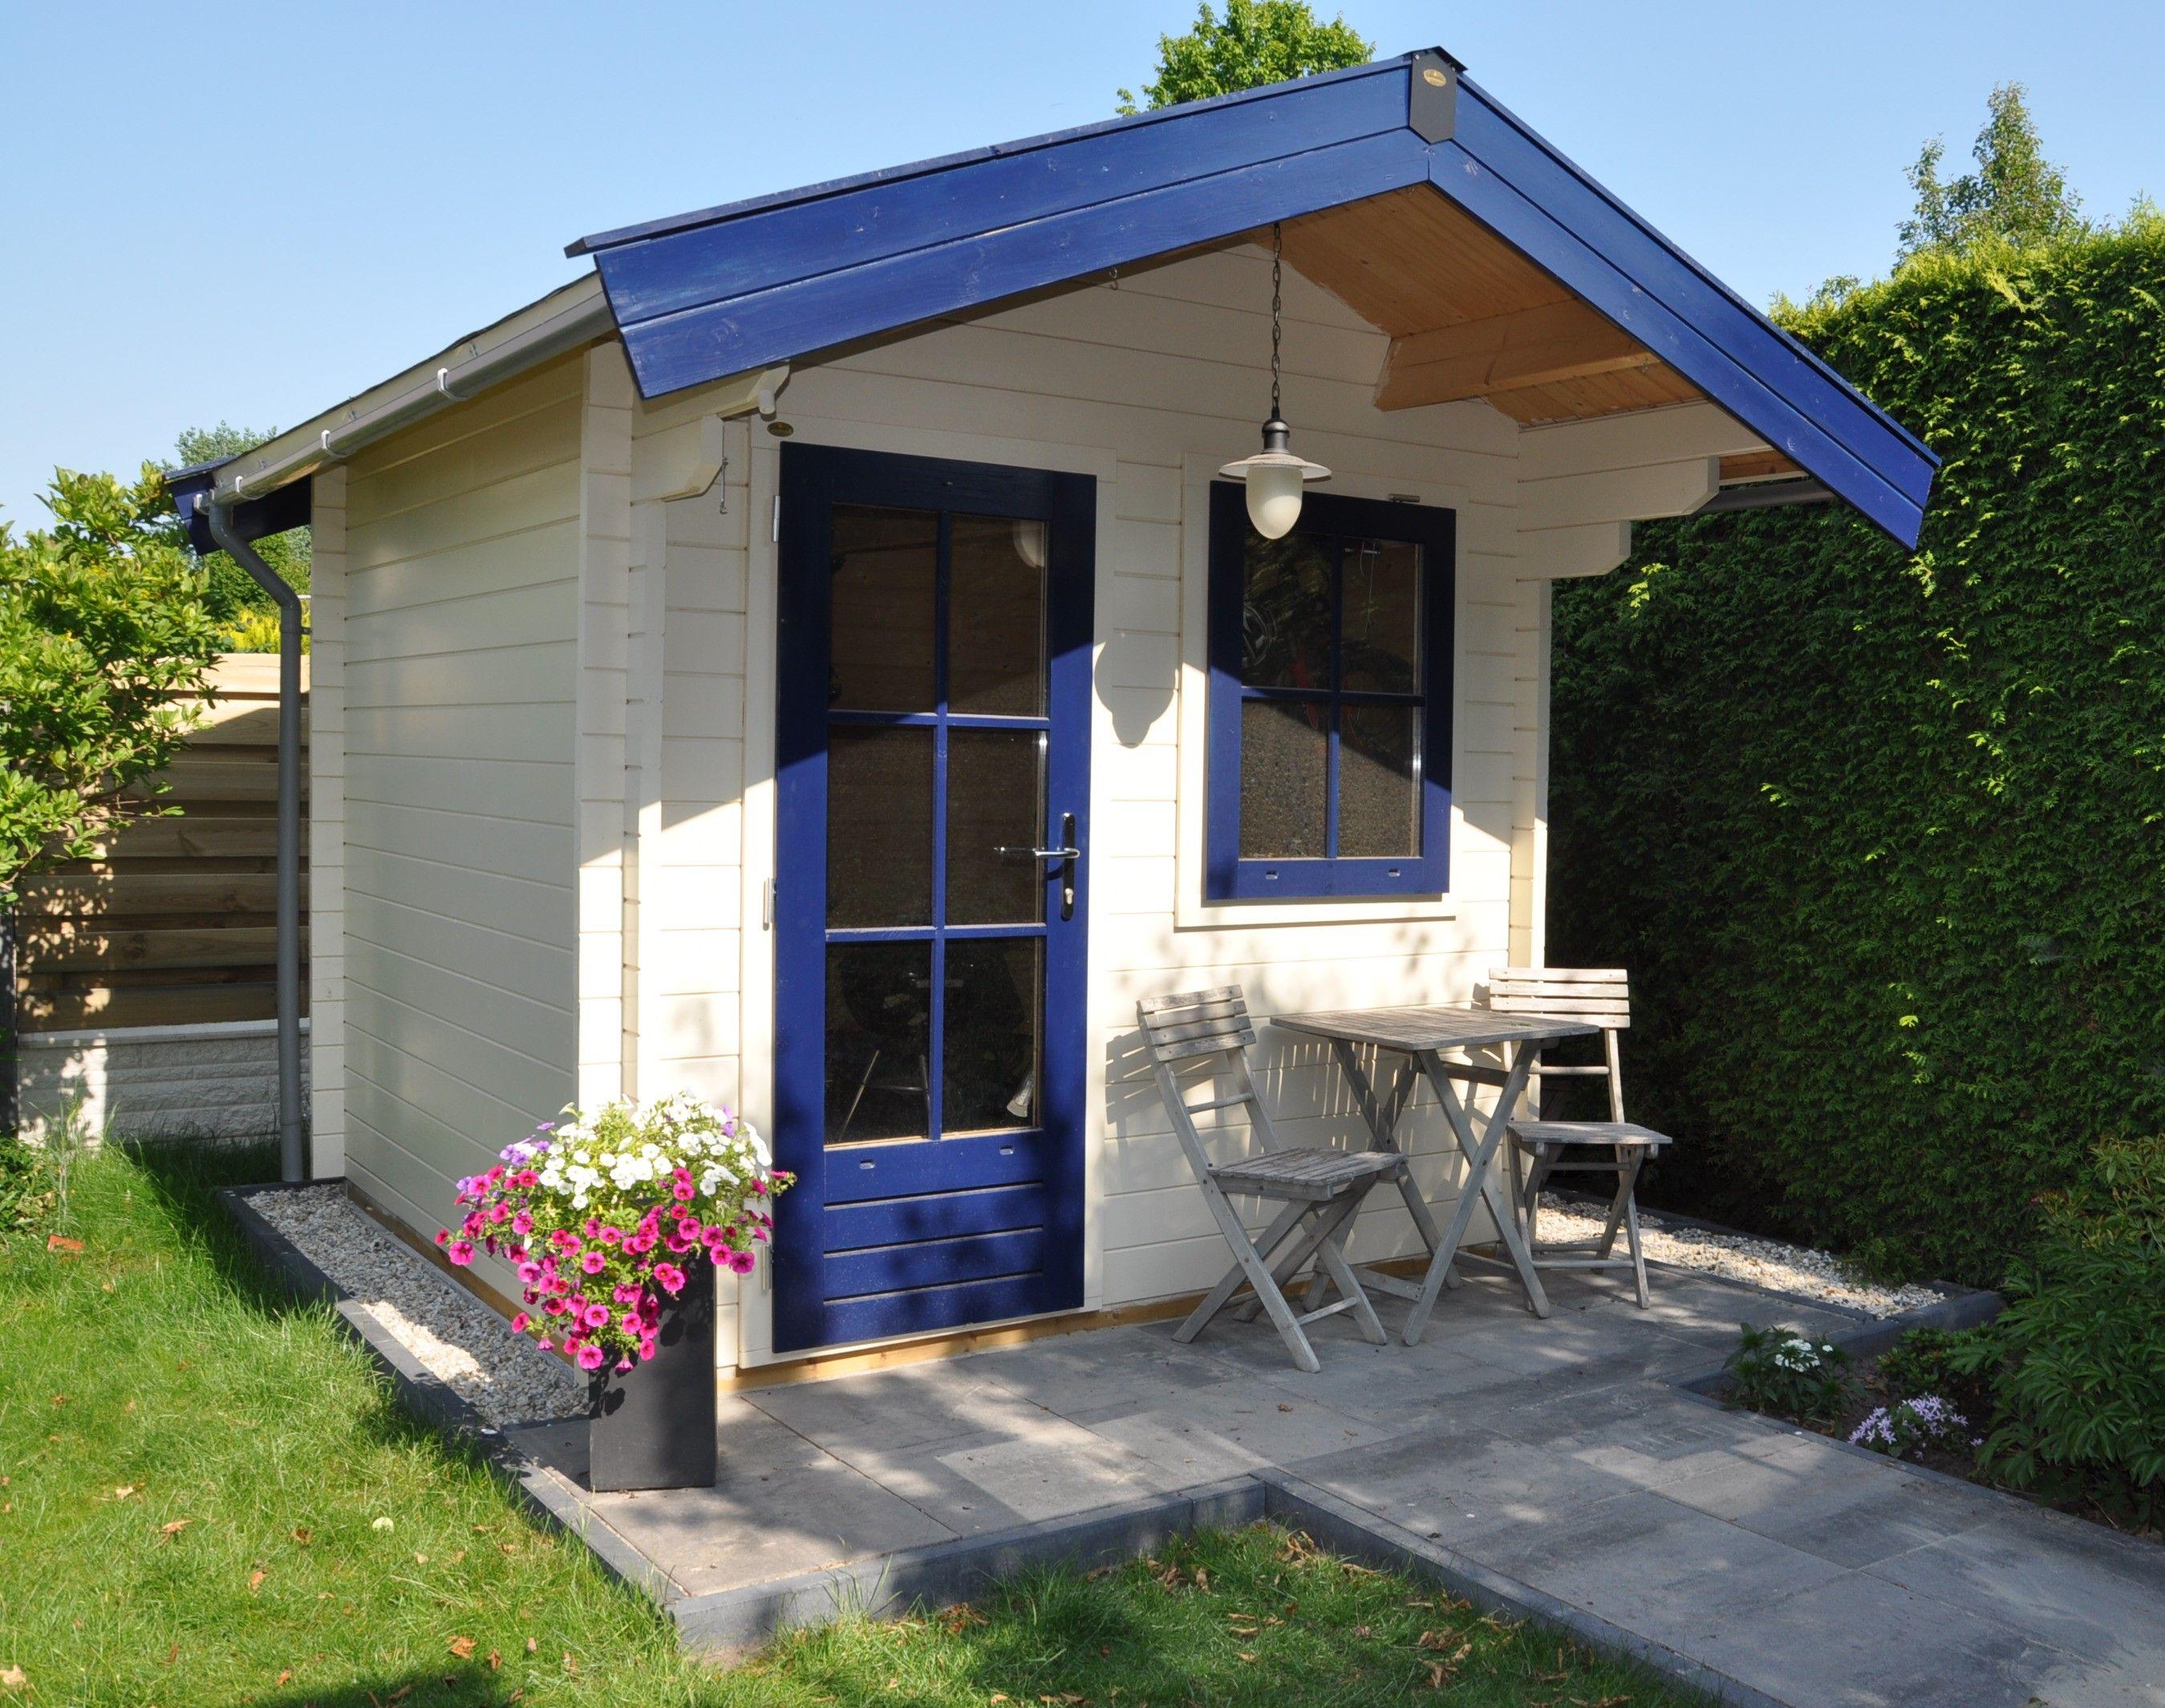 gartenhaus streichen oder nicht my blog. Black Bedroom Furniture Sets. Home Design Ideas